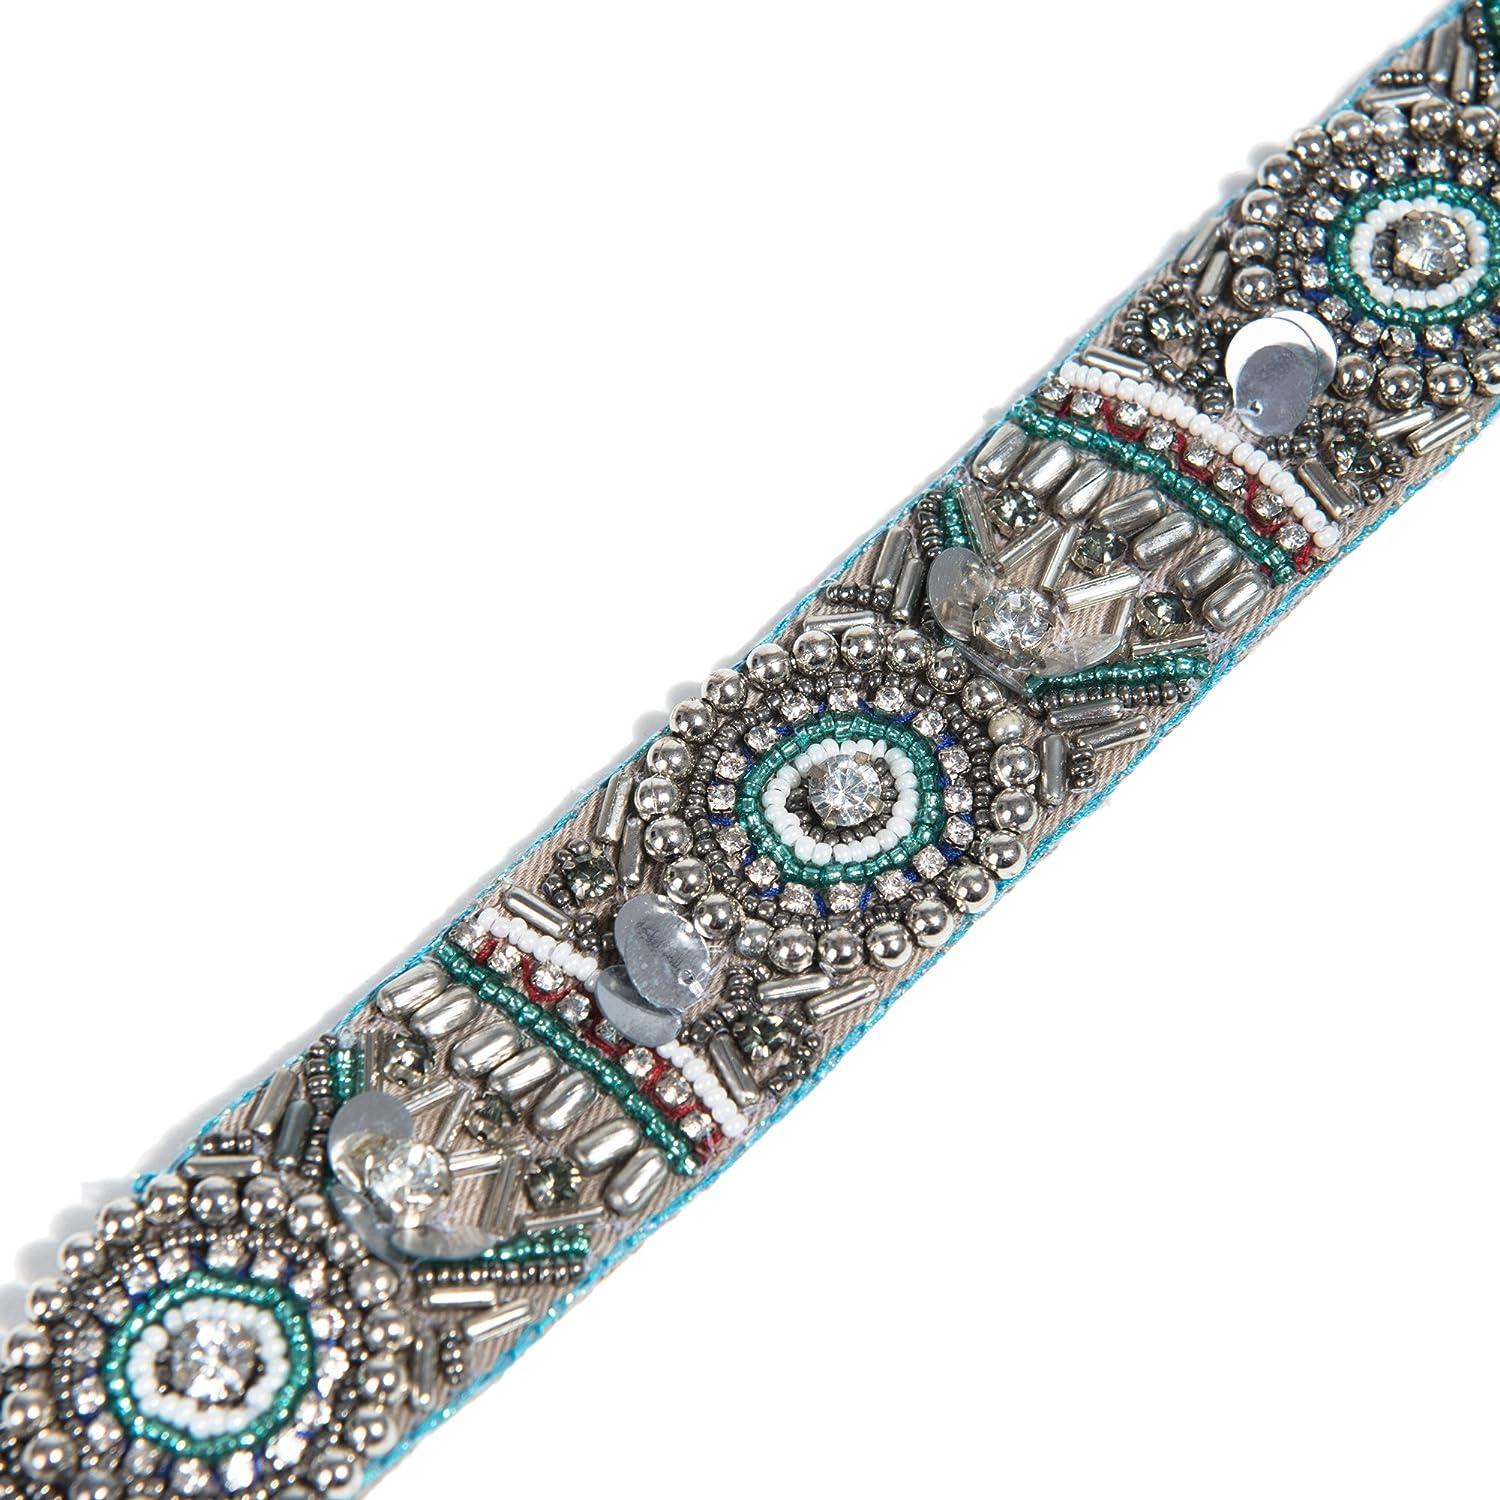 Parfois - Cinturones Cinturones De Fiesta Sintectico Platead - Mujeres - Tallas  M - Plateado Multicolor  Amazon.es  Ropa y accesorios 3803ed5b9c6d